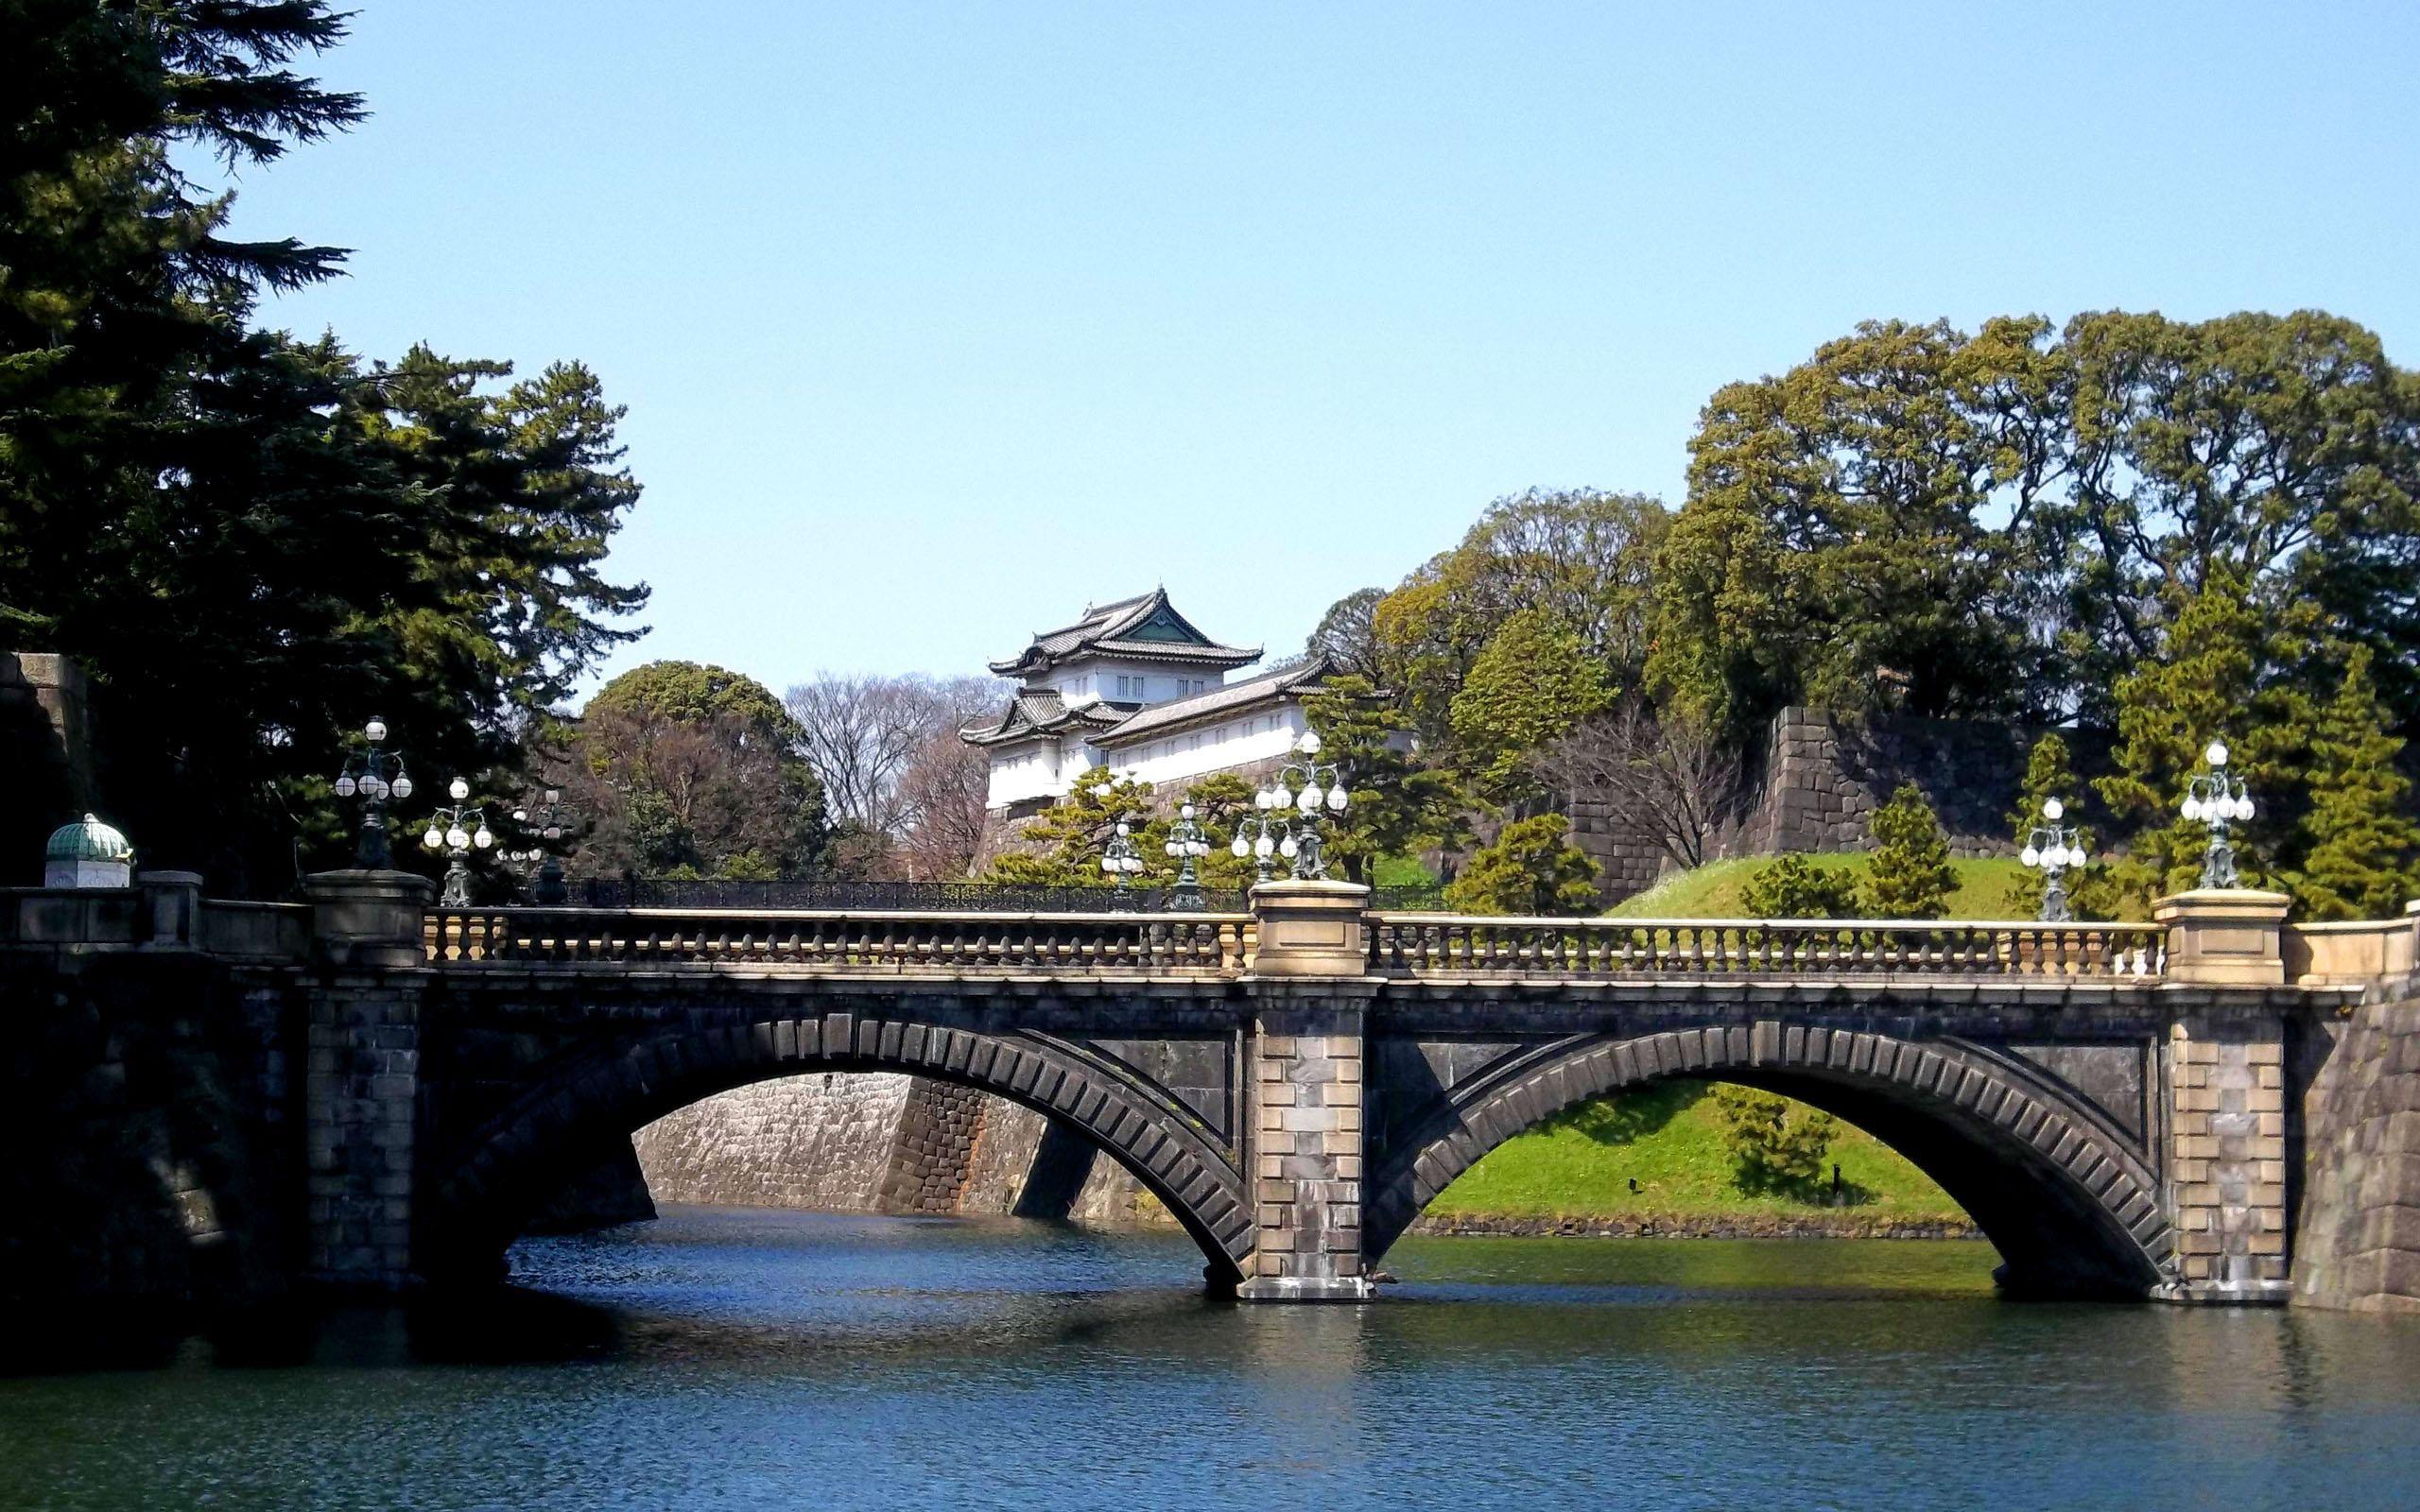 Cung điện Hoàng gia - Du lịch Nhật Bản giá rẻ Vietourist